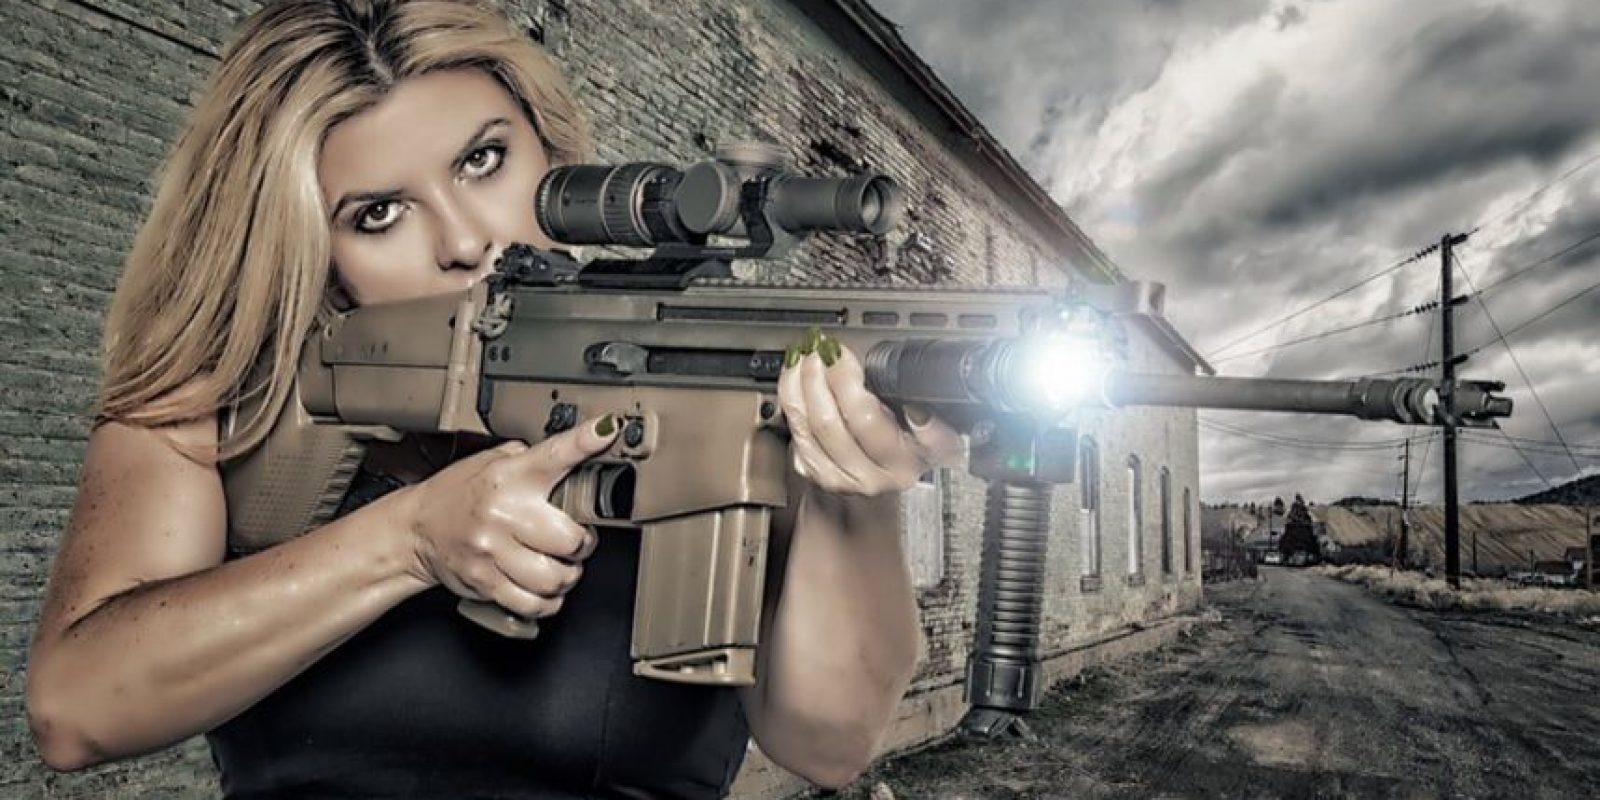 Esta sacó un calendario para 2016 en el que posa con armas. Foto:Vía Twitter.com/VoteFiore